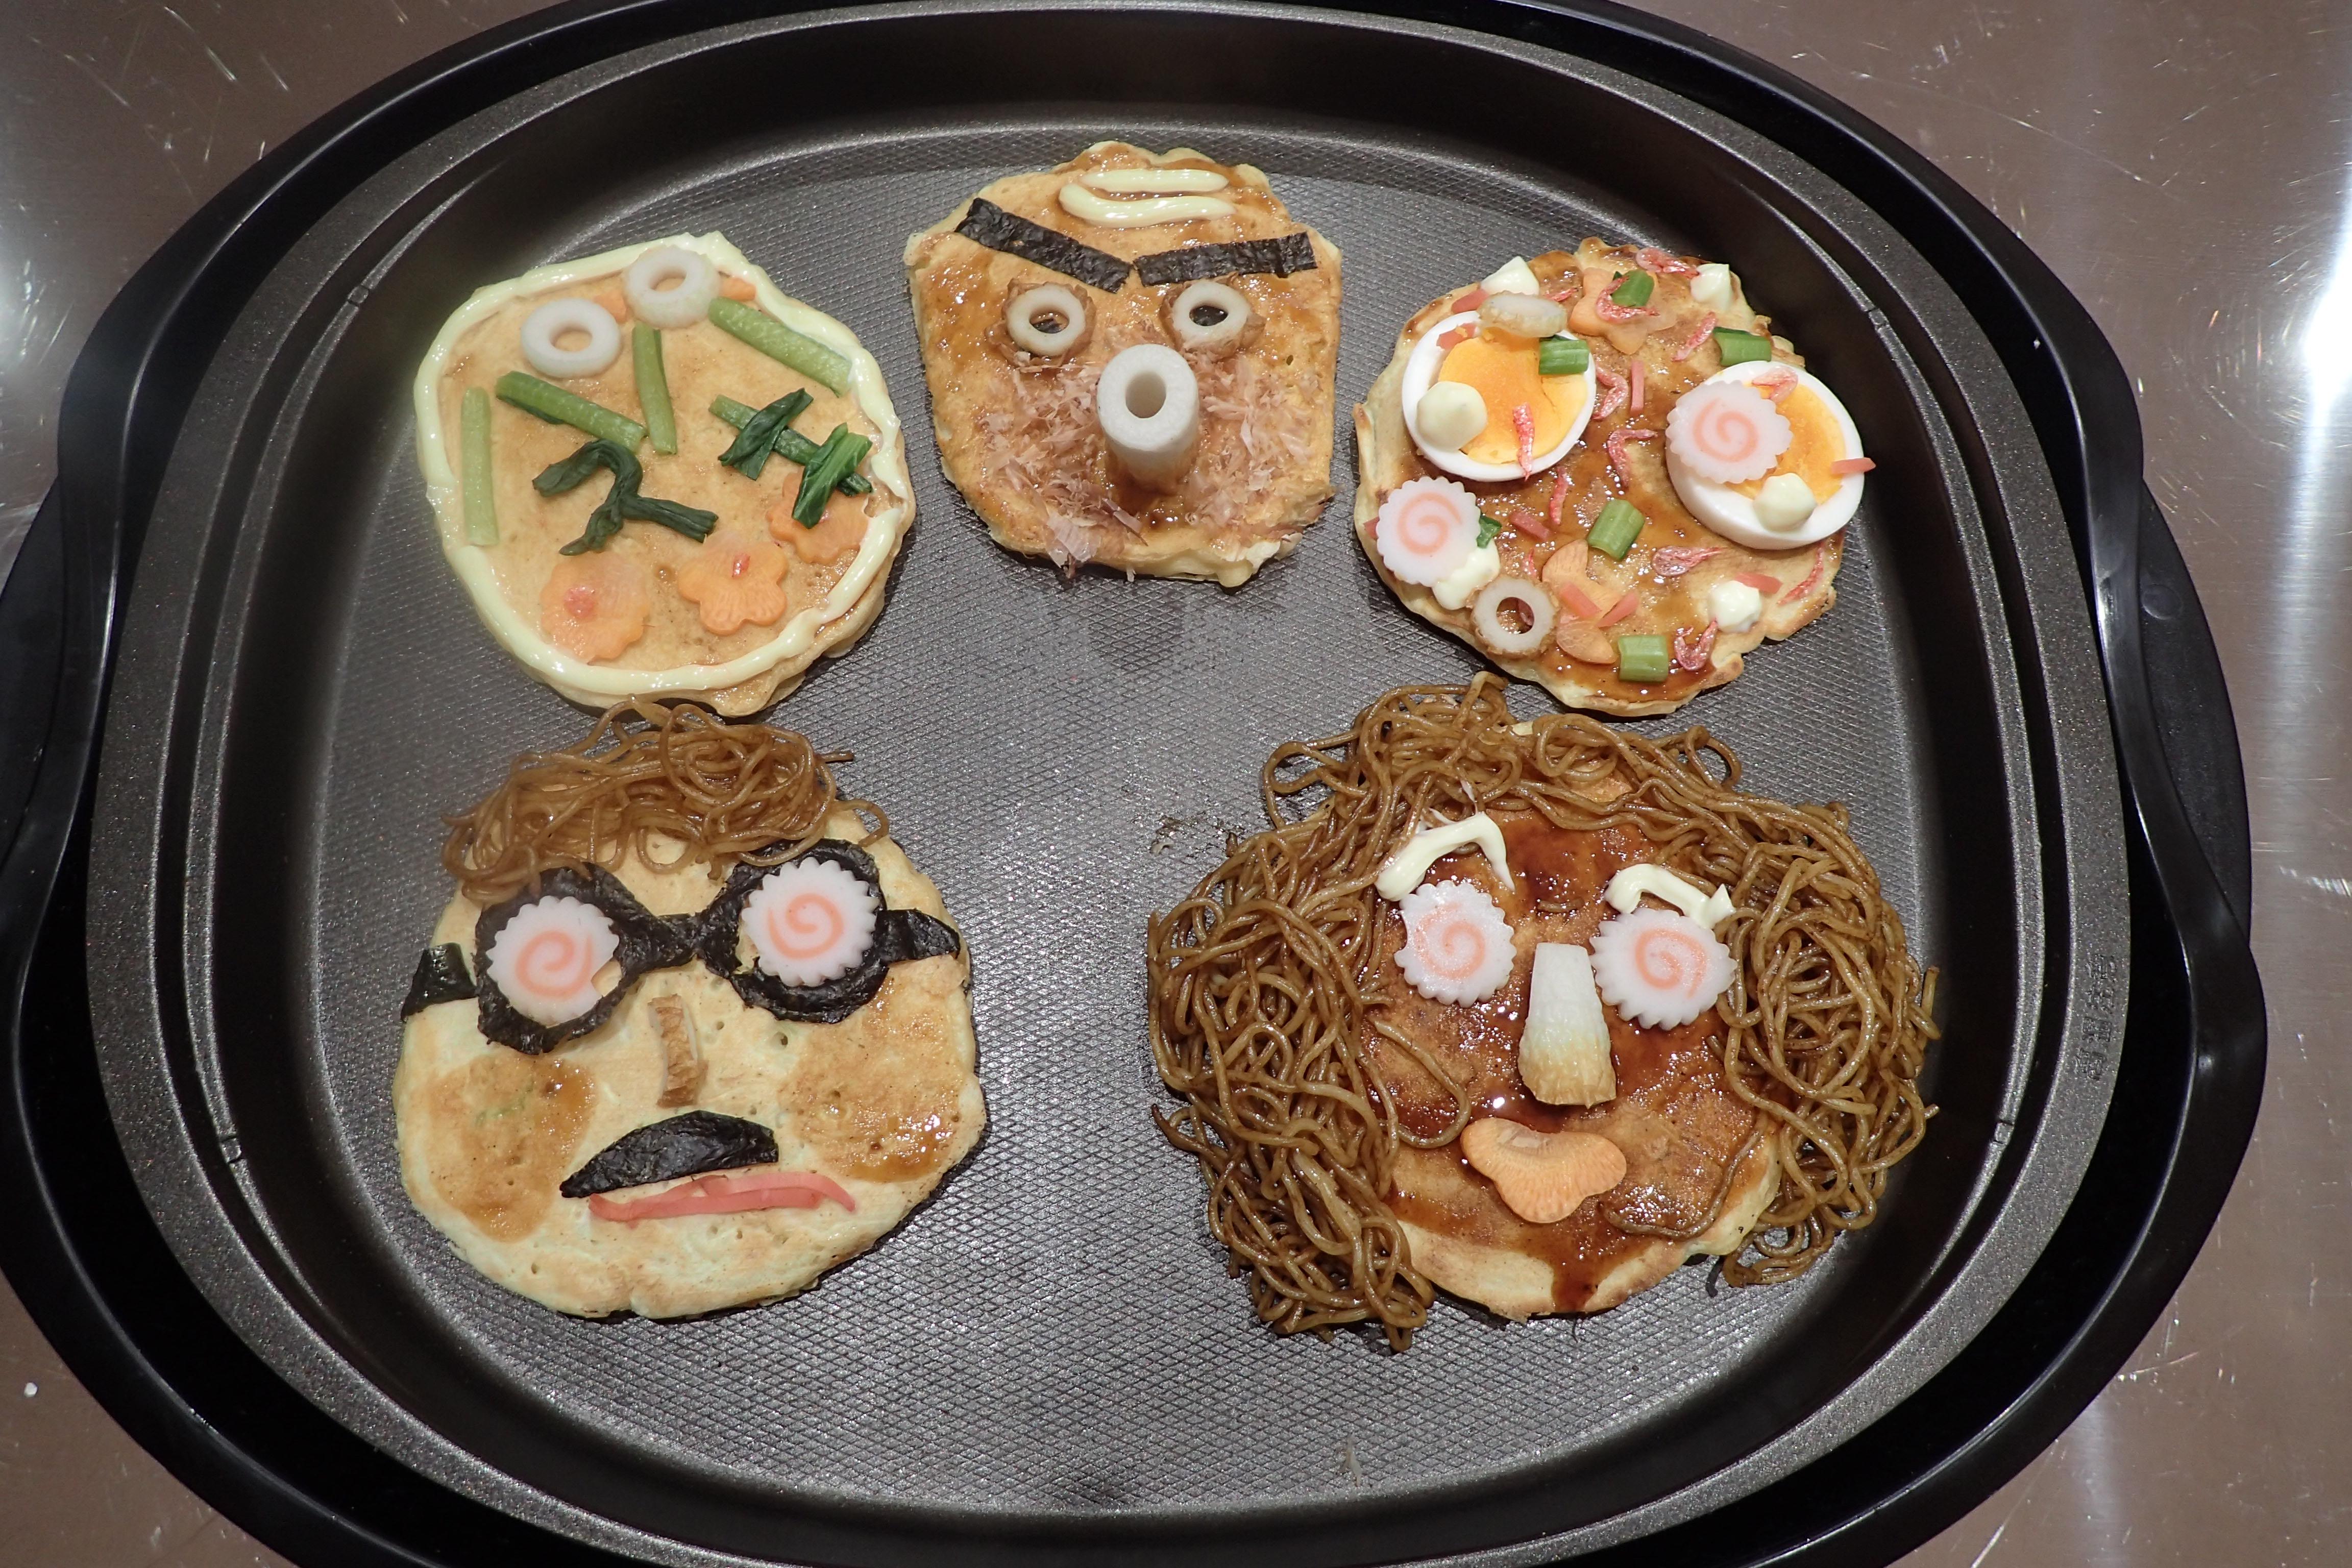 ふなばしを食べつくそう「船橋食材でミニデコお好み焼き!」